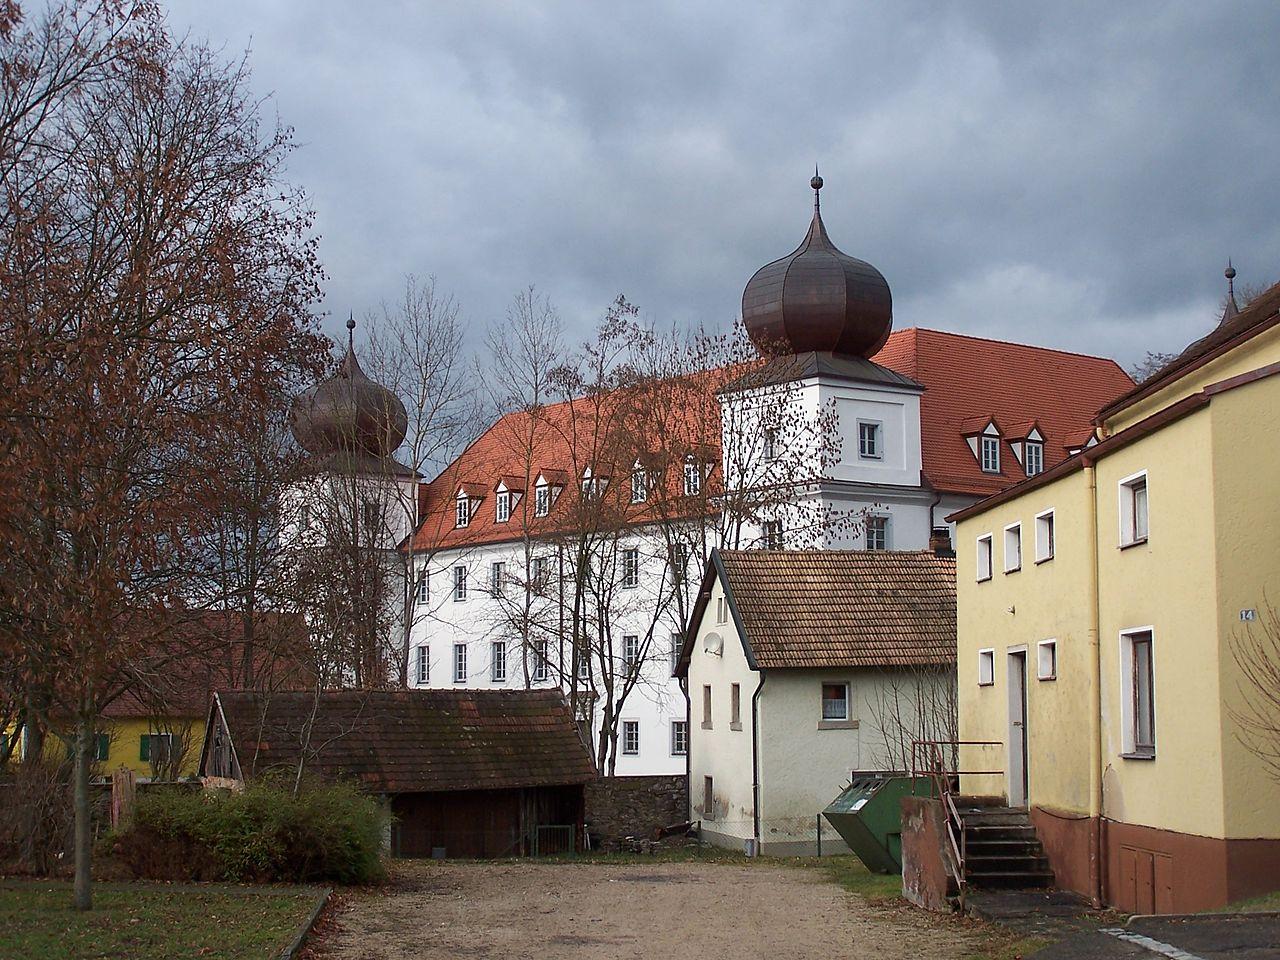 Bild Schloss Pirkensee Maxhütte